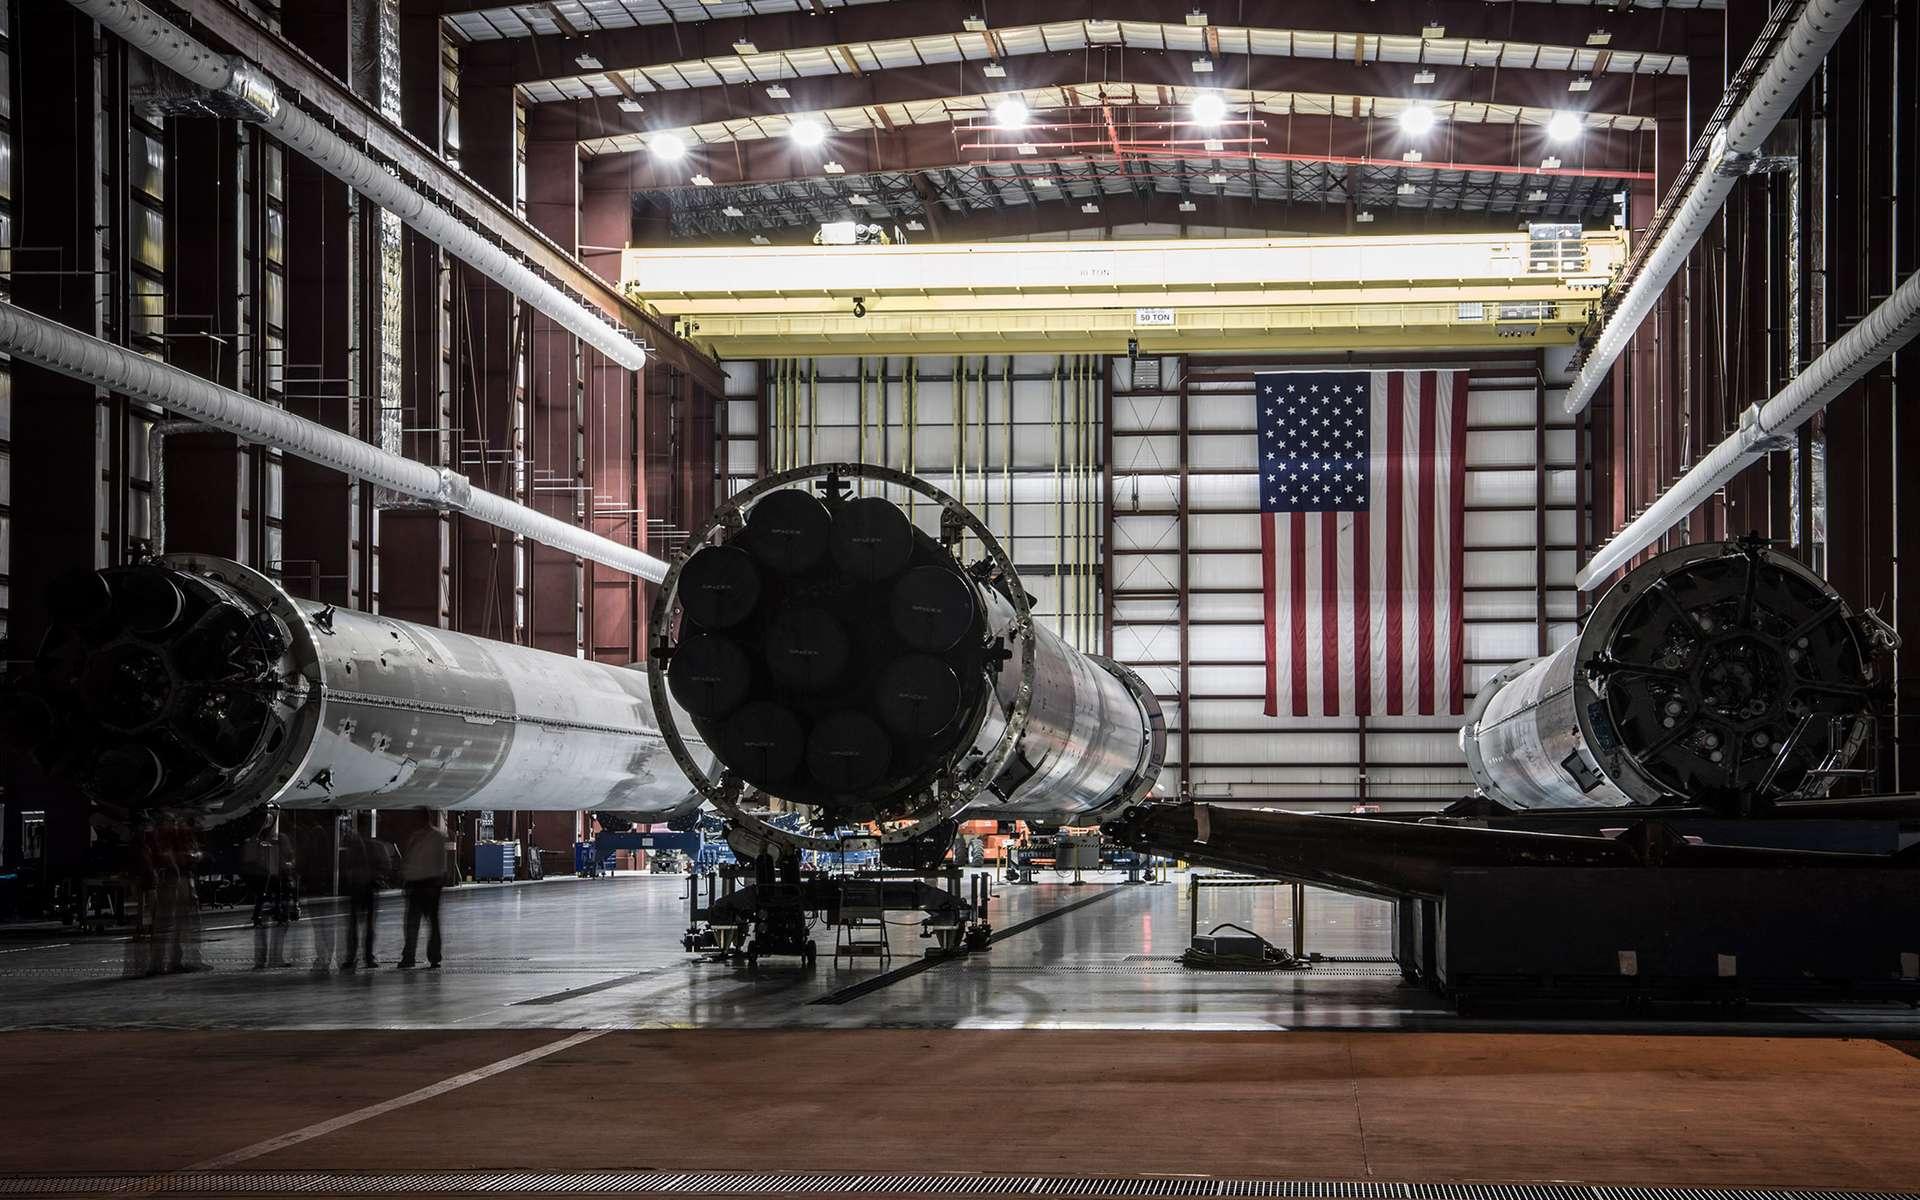 Les trois premiers étages récupérés après leur vol, ici dans un hangar du complexe de lancement LC39 du Centre spatial Kennedy que SpaceX loue à la Nasa. Ces étages ont volé le 21 décembre 2015, lors du lancement des satellites de la constellation Orbcomm, le 8 avril 2016 pour envoyer une capsule Dragon vers la Station spatiale et le 6 mai, pour mettre en orbite le satellite de télécommunications japonais JCSAT-14. © SpaceX